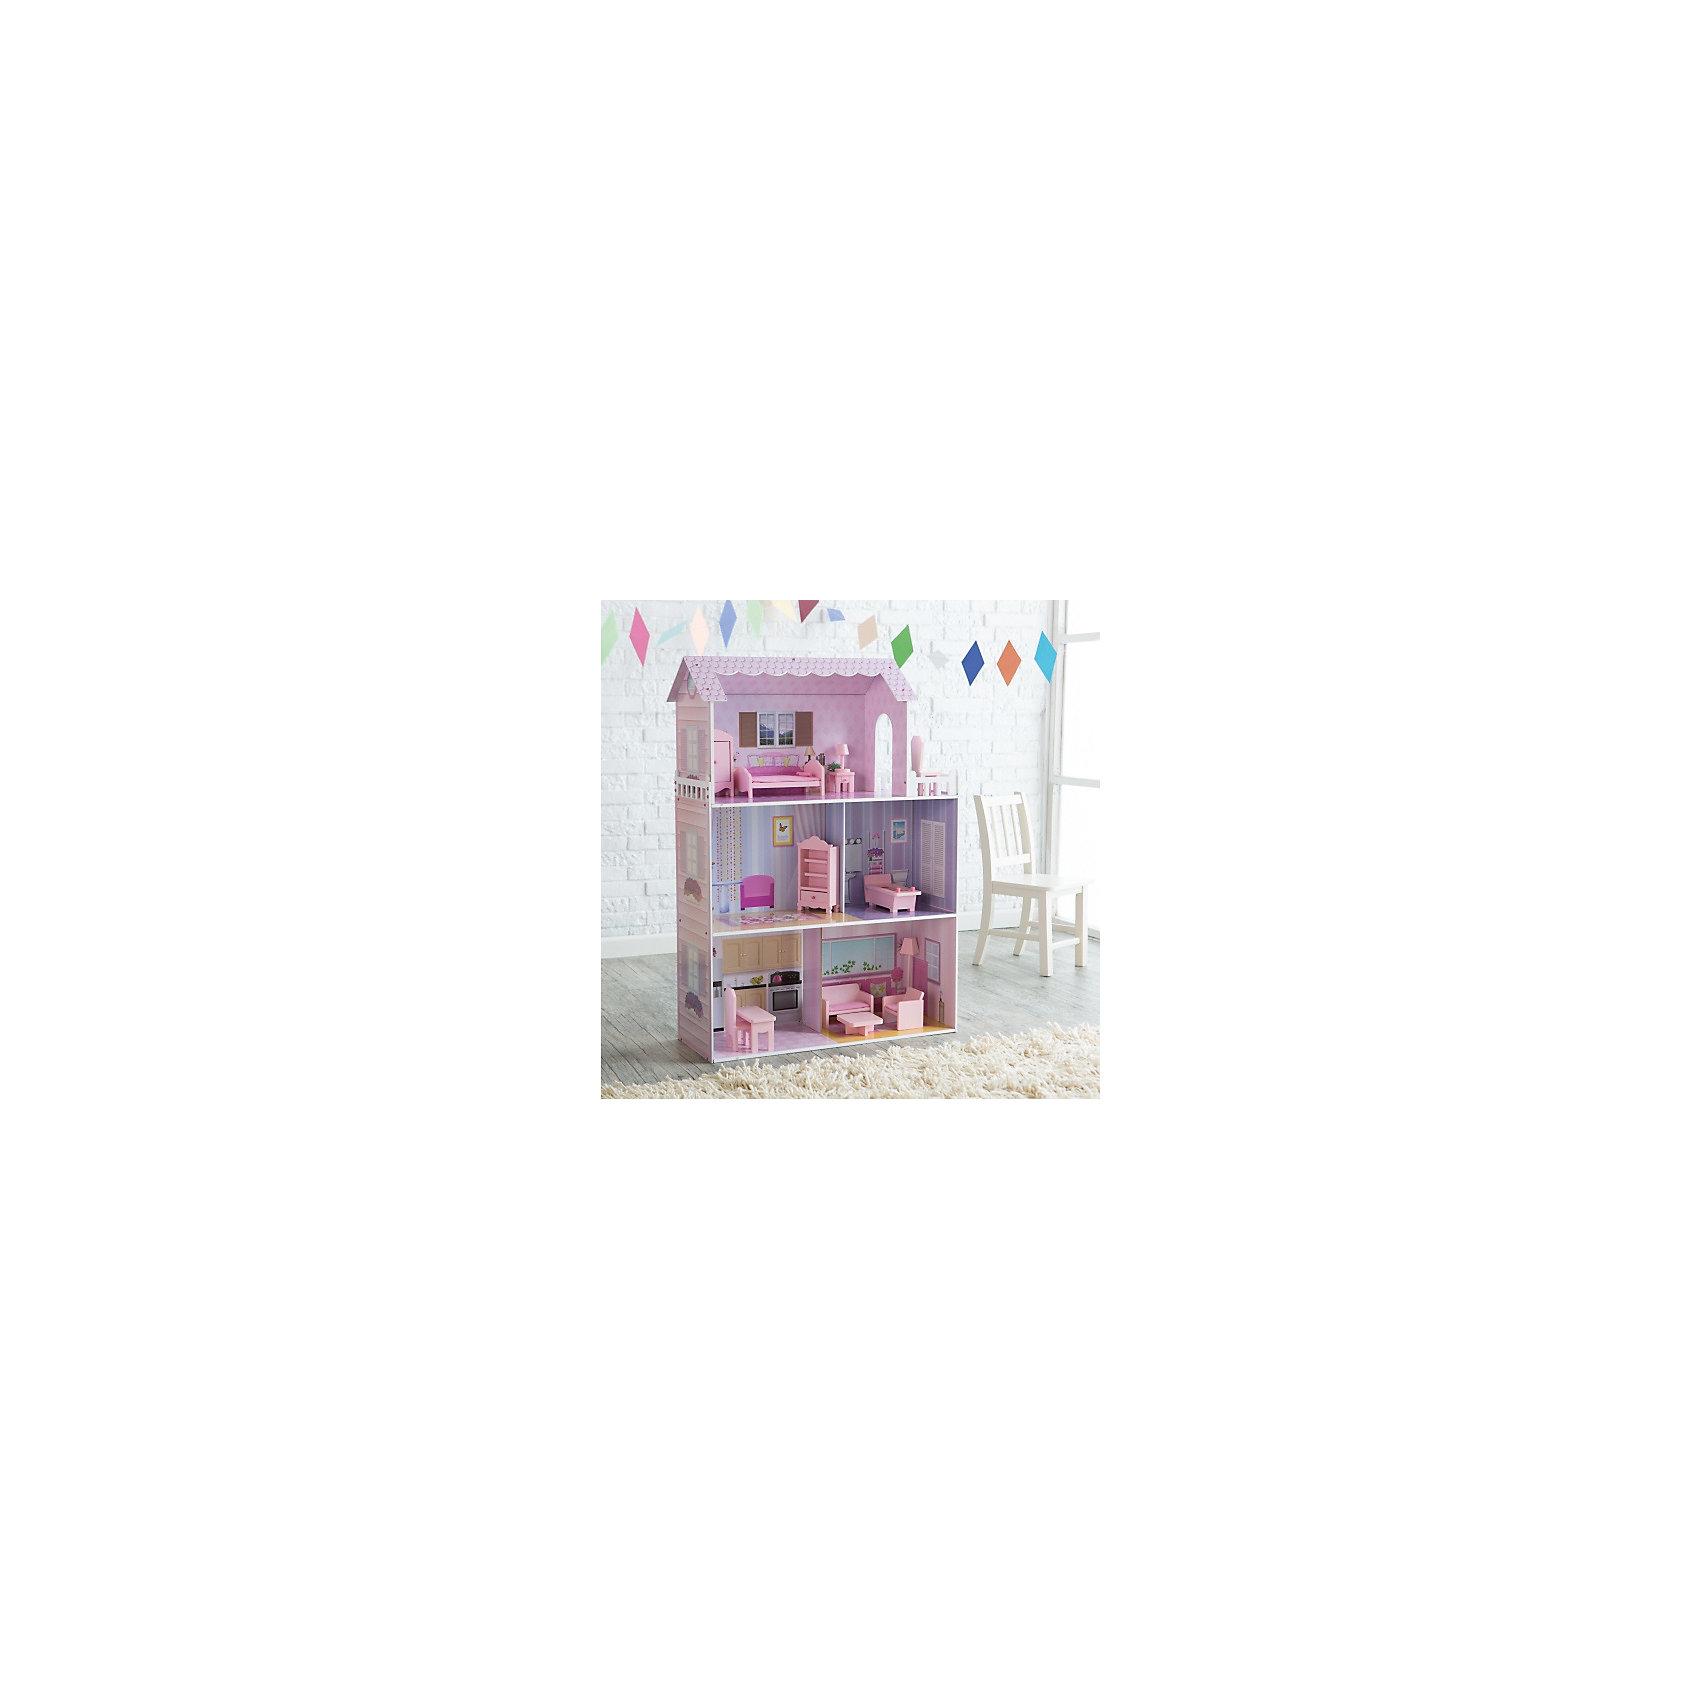 Кукольныи? домик из дерева с мебелью «Волшебная сказка», Kids4KidsДеревянные куклы, домики и мебель<br>Характеристики товара:<br><br>• возраст: от 3 лет;<br>• материал: дерево, пластик;<br>• в комплекте: дом, 12 предметов мебели;<br>• высота дома: 117 см;<br>• подходит для кукол высотой до 35 см;<br>• размер упаковки: 82х42х23 см;<br>• вес упаковки: 15,28 кг;<br>• страна производитель: Китай.<br><br>Кукольный домик с мебелью «Волшебная сказка» Kids4Kids — настоящий домик для куклы, выполненный в розовых тонах. Он станет для куклы уютным местом, где она может отдохнуть, принимать гостей, приготовить вкусные блюда. Домик подойдет для кукол до 35 см.<br><br>Дом разделен на 3 этажа и состоит из 5 комнат. На верхнем этаже расположилась небольшая терраса для отдыха. Все предметы мебели легко переставляются, что позволит девочке обустроить домик на свое усмотрение и попробовать себя дизайнером. Мебель выполнена из качественного натурального дерева.<br><br>Кукольный домик с мебелью «Волшебная сказка» Kids4Kids можно приобрести в нашем интернет-магазине.<br><br>Ширина мм: 320<br>Глубина мм: 880<br>Высота мм: 470<br>Вес г: 17000<br>Возраст от месяцев: 36<br>Возраст до месяцев: 2147483647<br>Пол: Женский<br>Возраст: Детский<br>SKU: 6844315